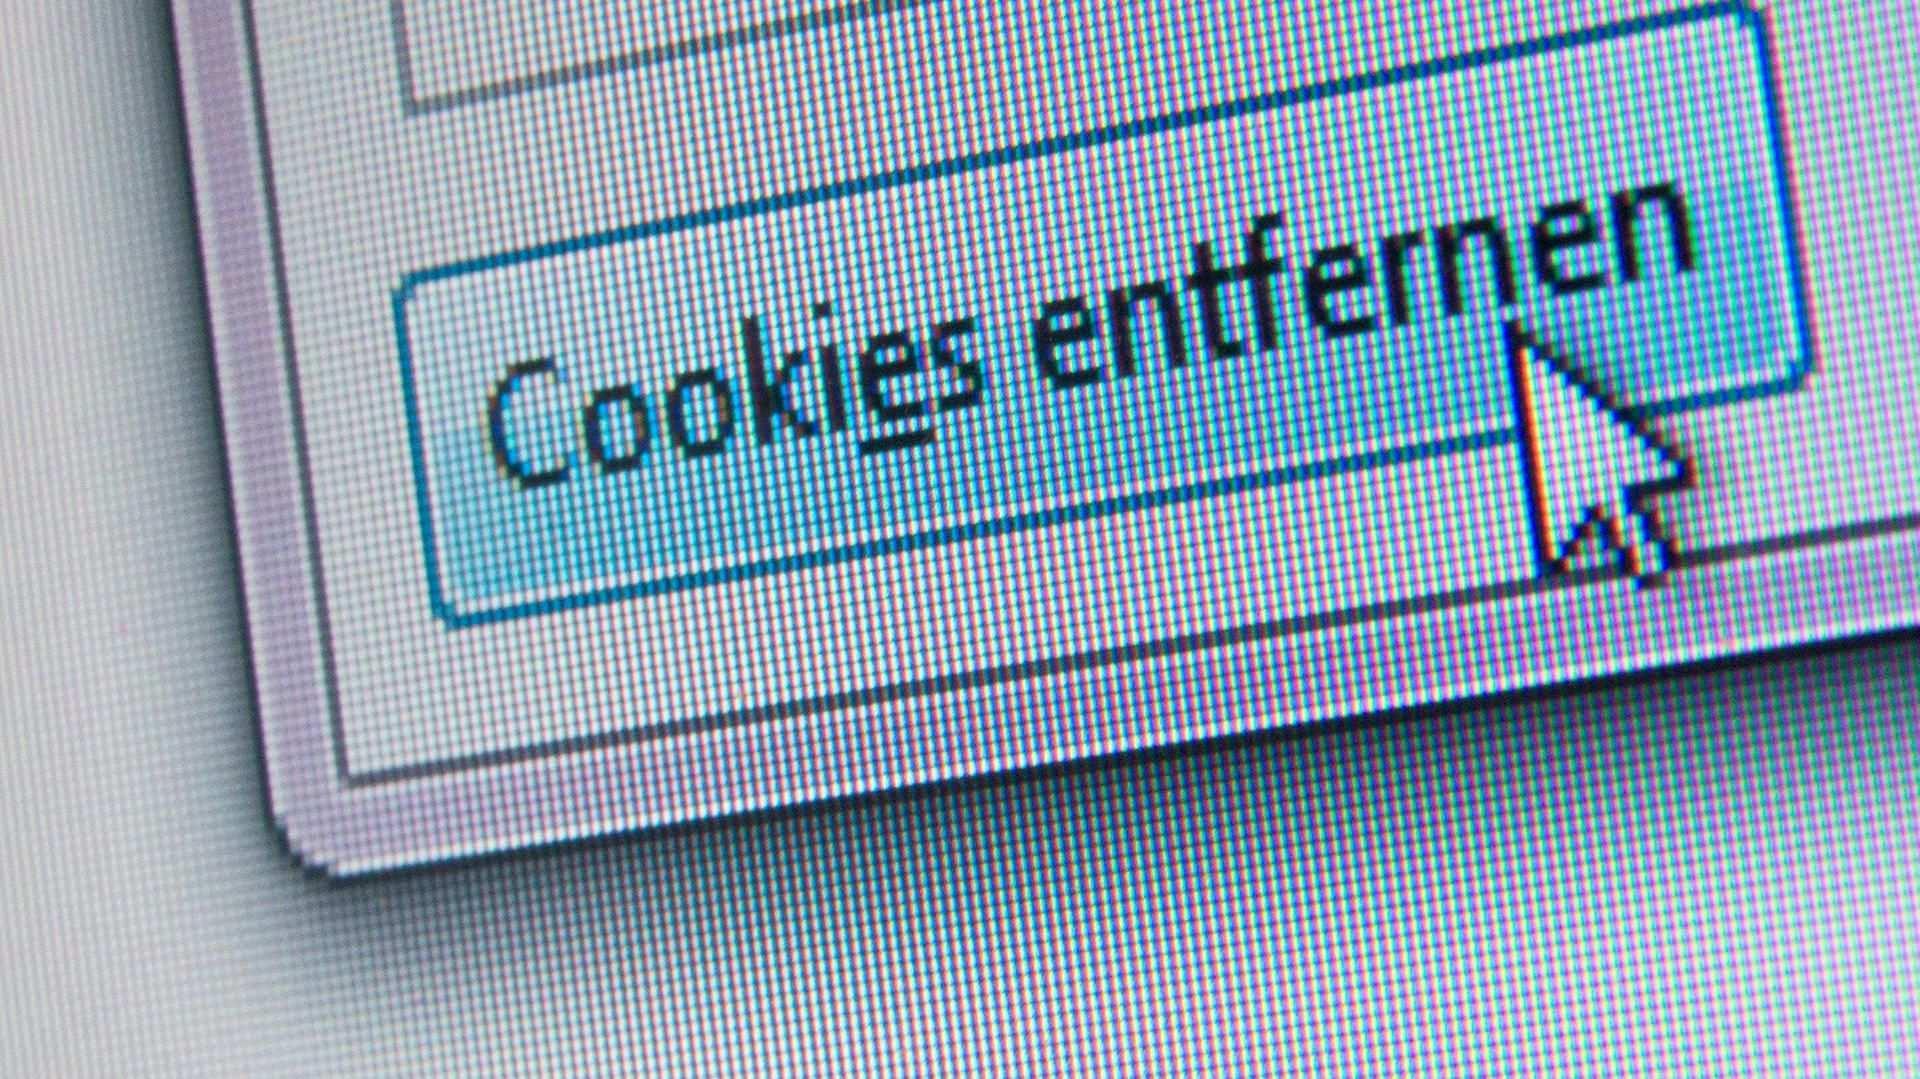 Bei Fast Jedem Besuch Einer Webseite Werden Sogenannte Cookies Auf Dem Rechner Installiert Unternehmen N In 2020 Cookies Loschen Whatsapp Tipps Buroorganisation Tipps